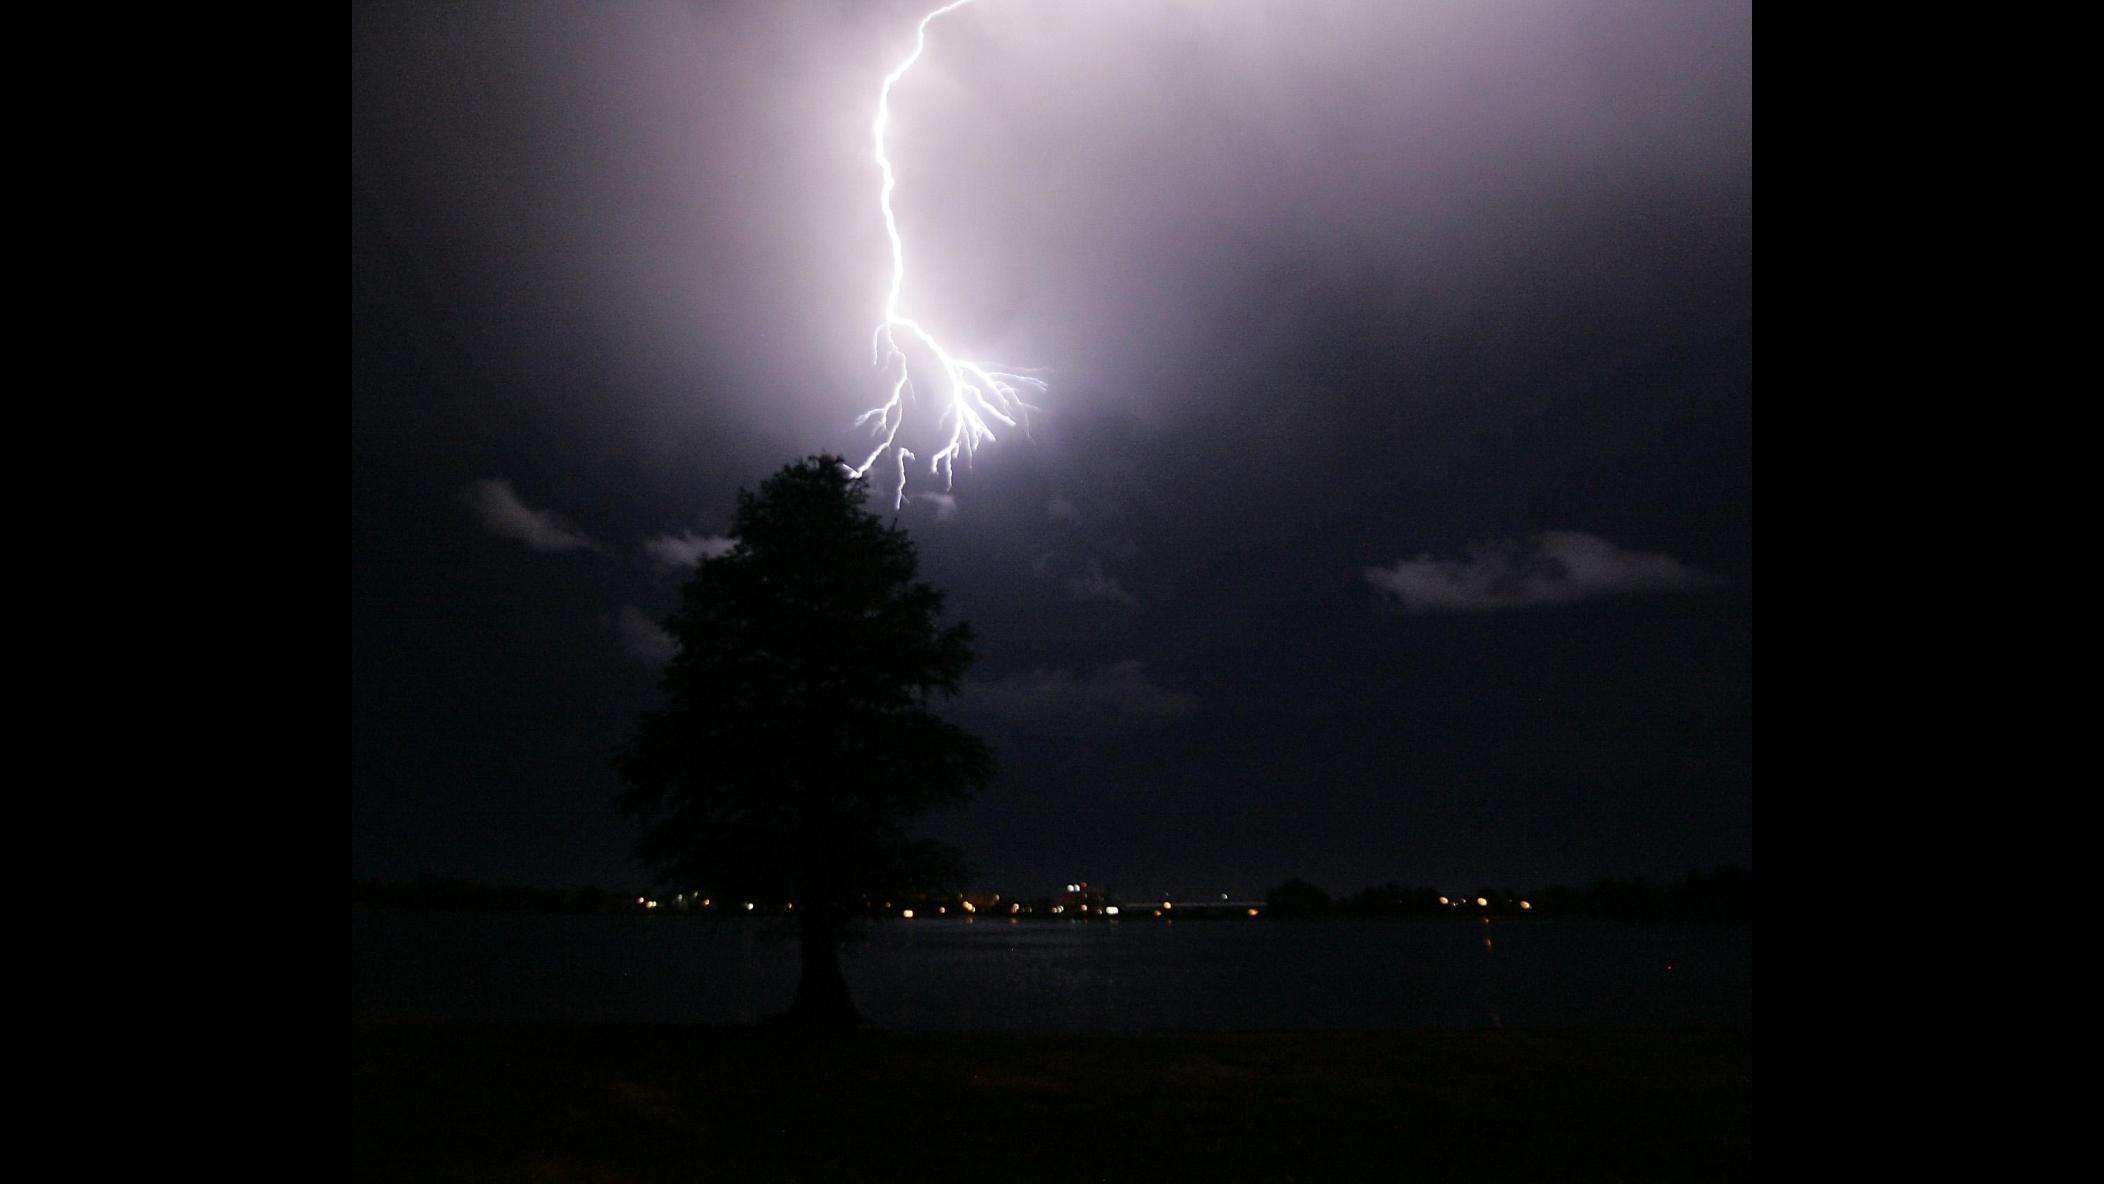 Tempesta di fulmini su spiagge della California: morto ragazzo 20 anni